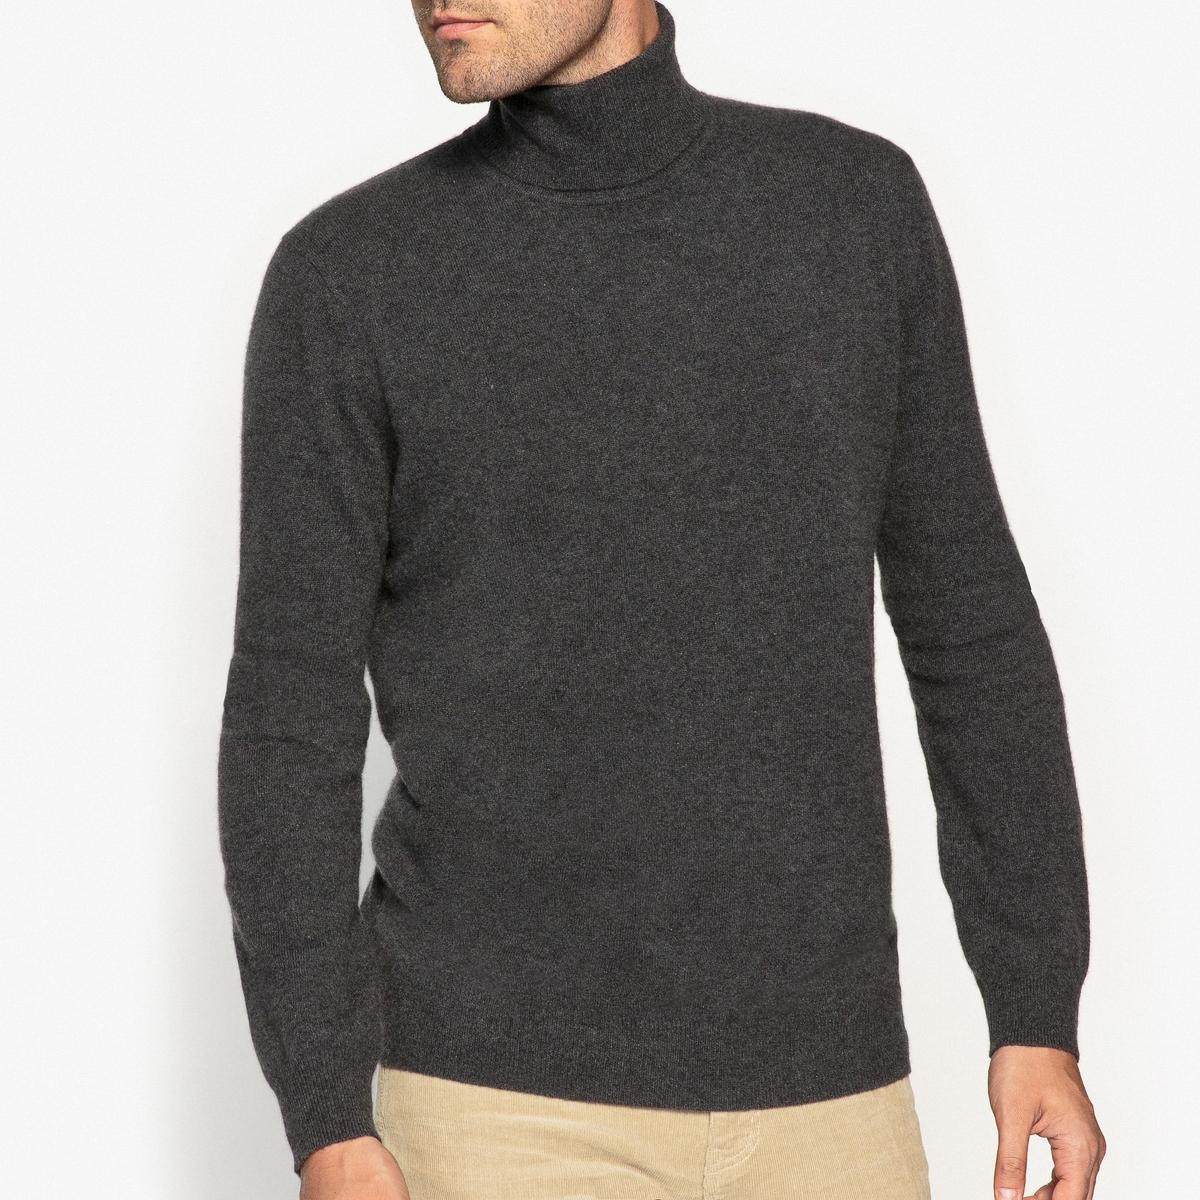 Пуловер с высоким воротником, 100% кашемираСостав и описаниеМатериал: 100% кашемира.Длина: 66 см.Марка: R essentiel.<br><br>Цвет: темно-серый меланж,темно-синий,черный<br>Размер: S